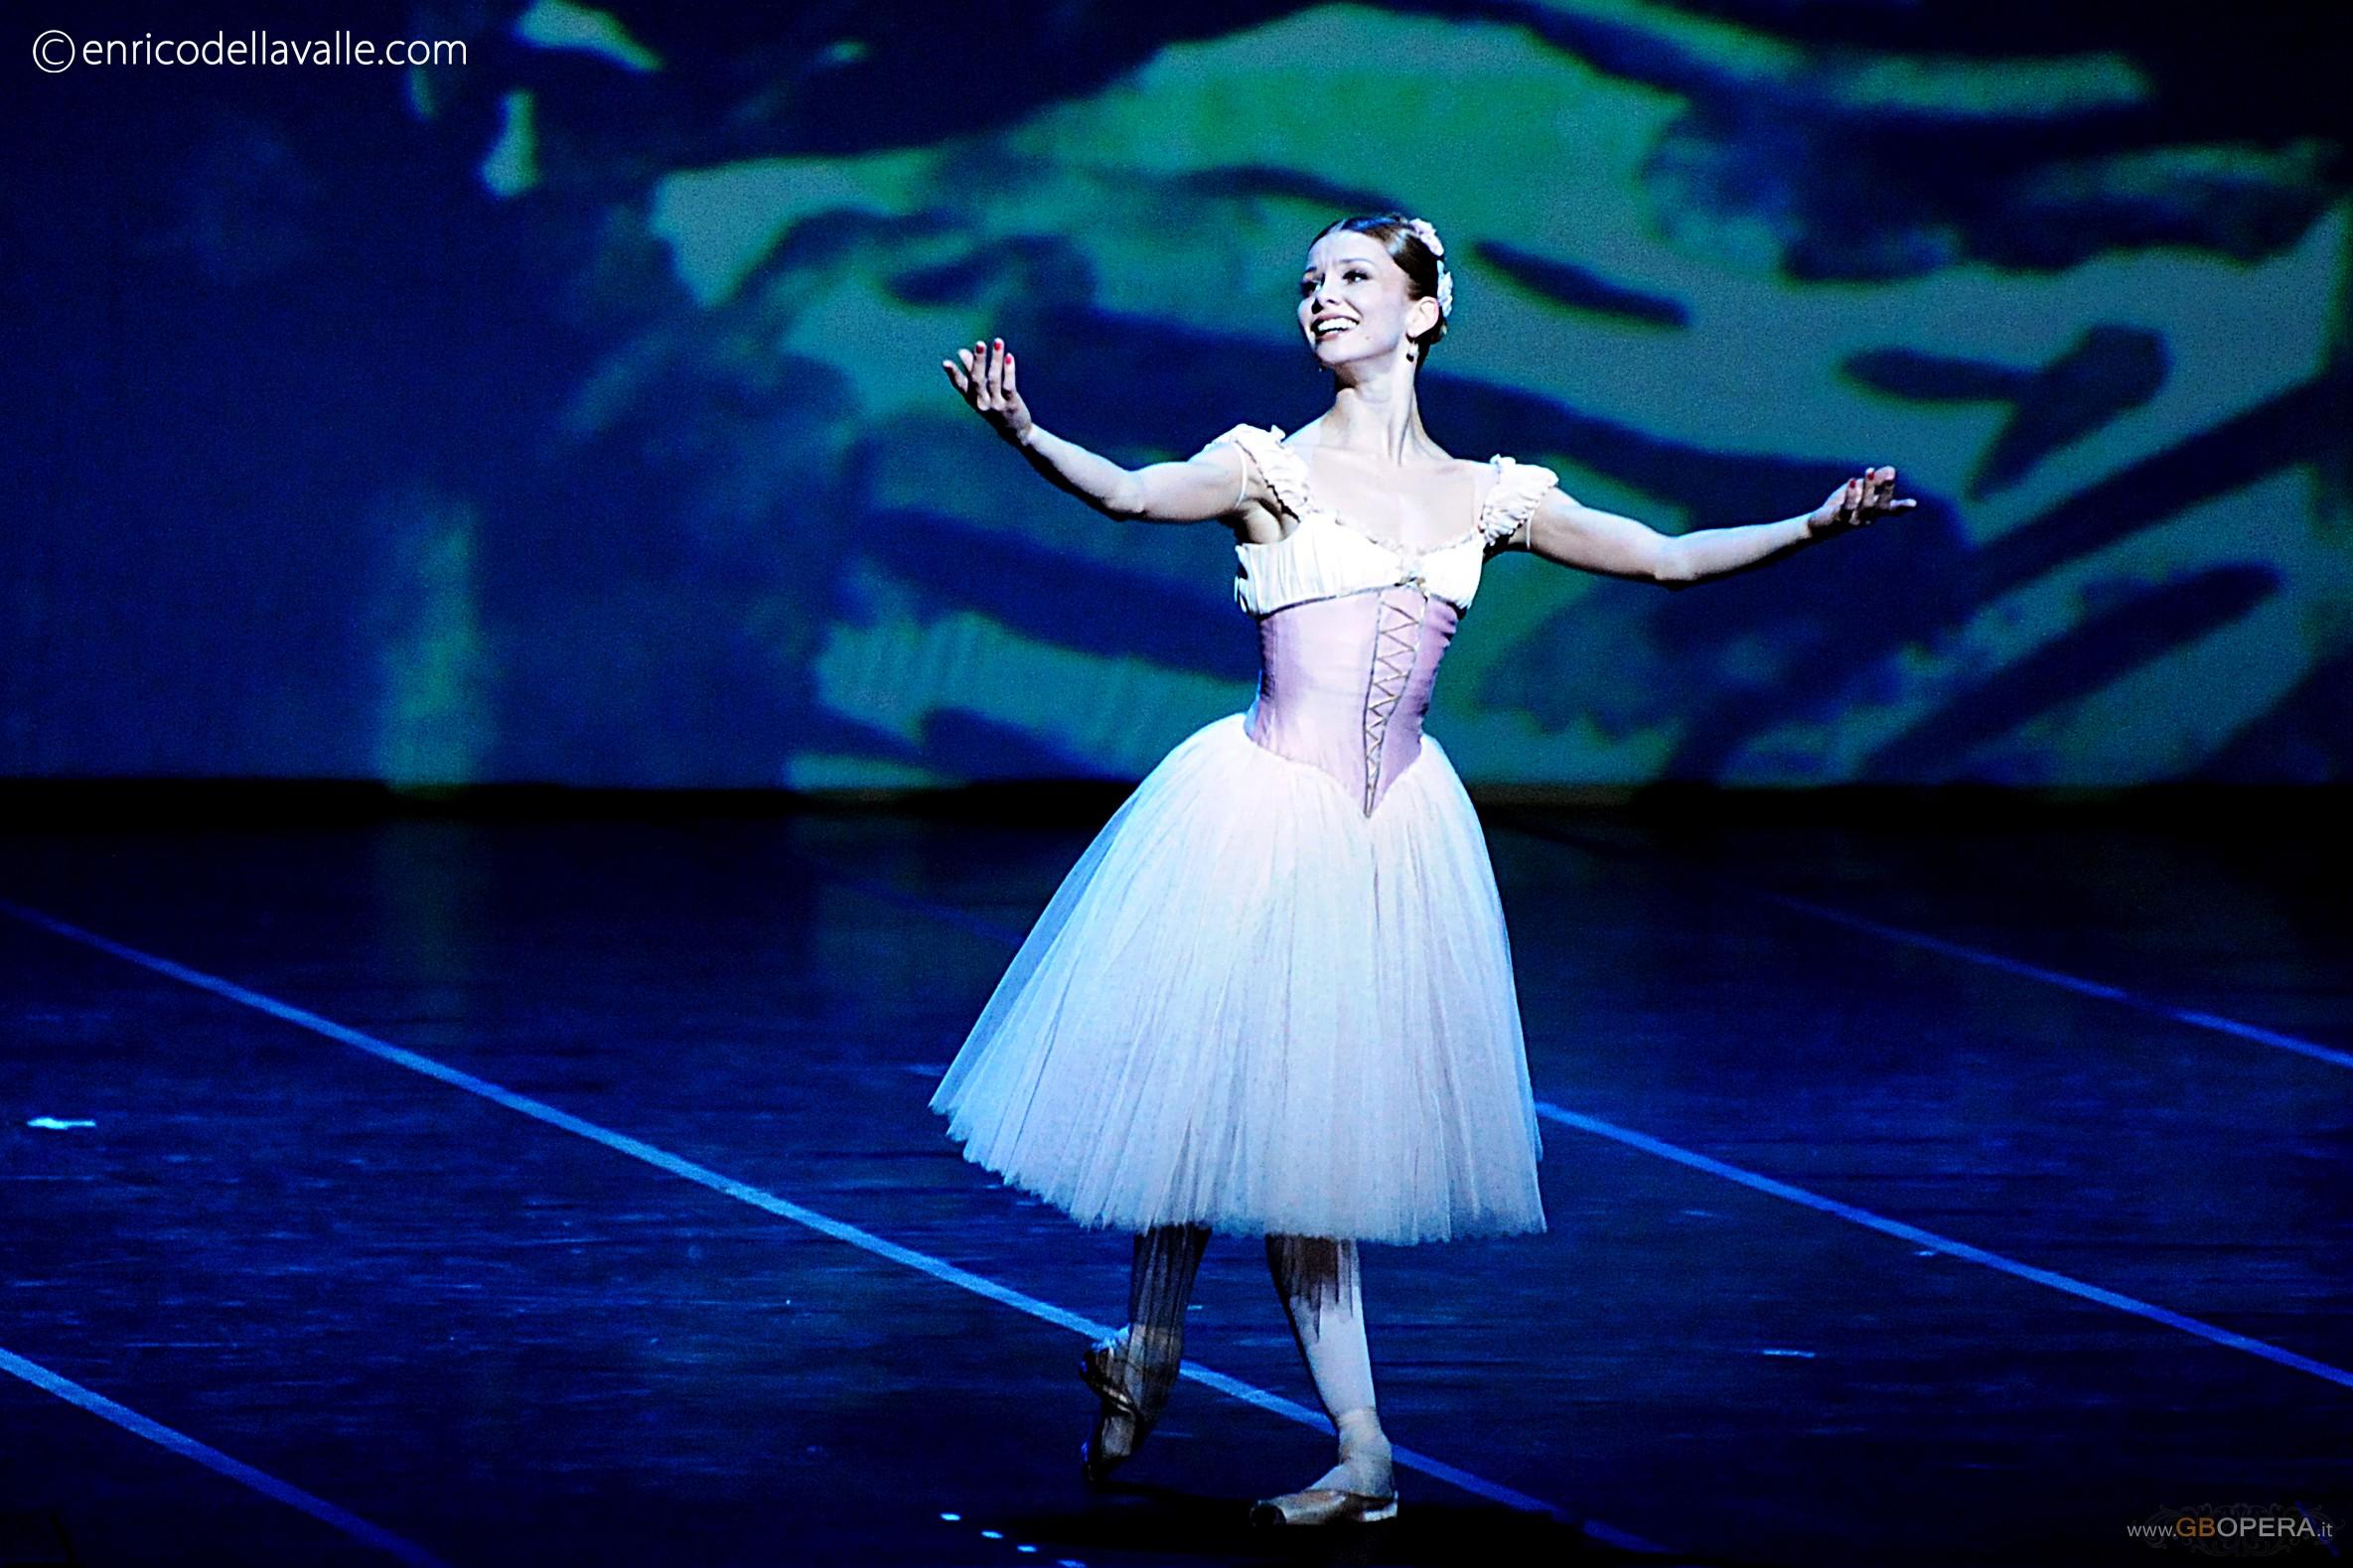 Roma, Teatro dell'Opera: Gala di danza Italia-Russia